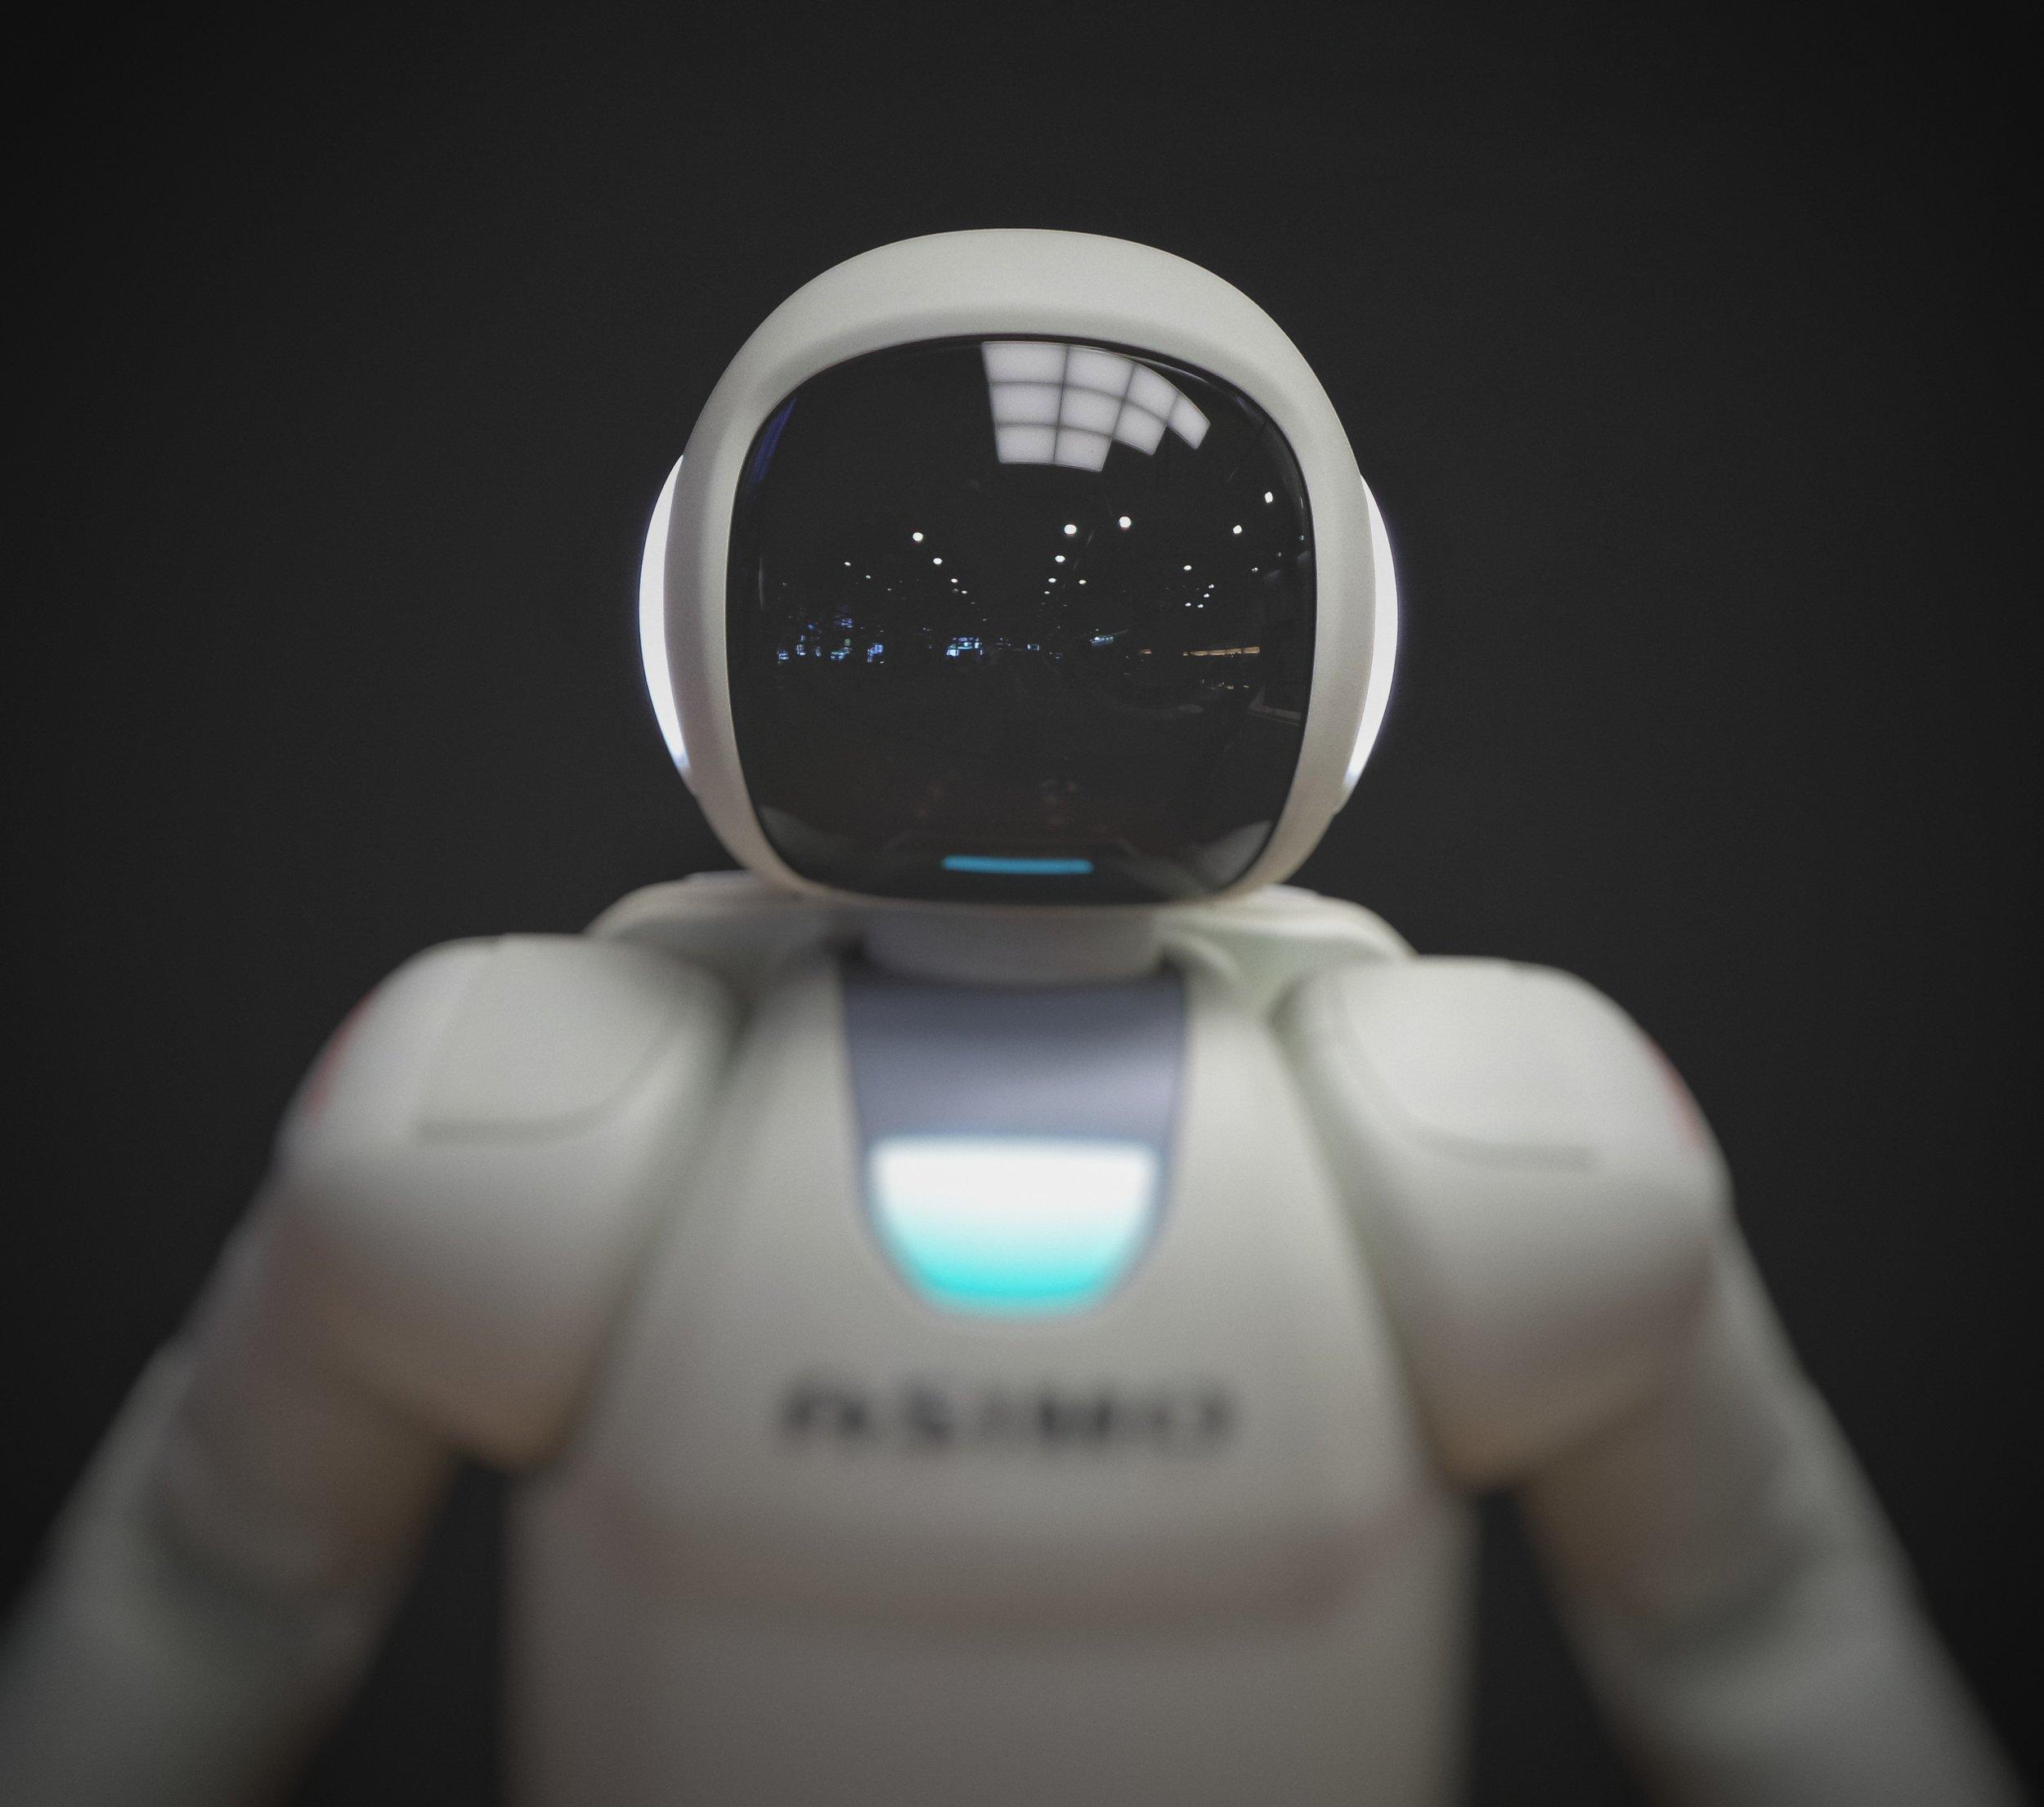 White_Robot_Black_Visor_machine_Learning